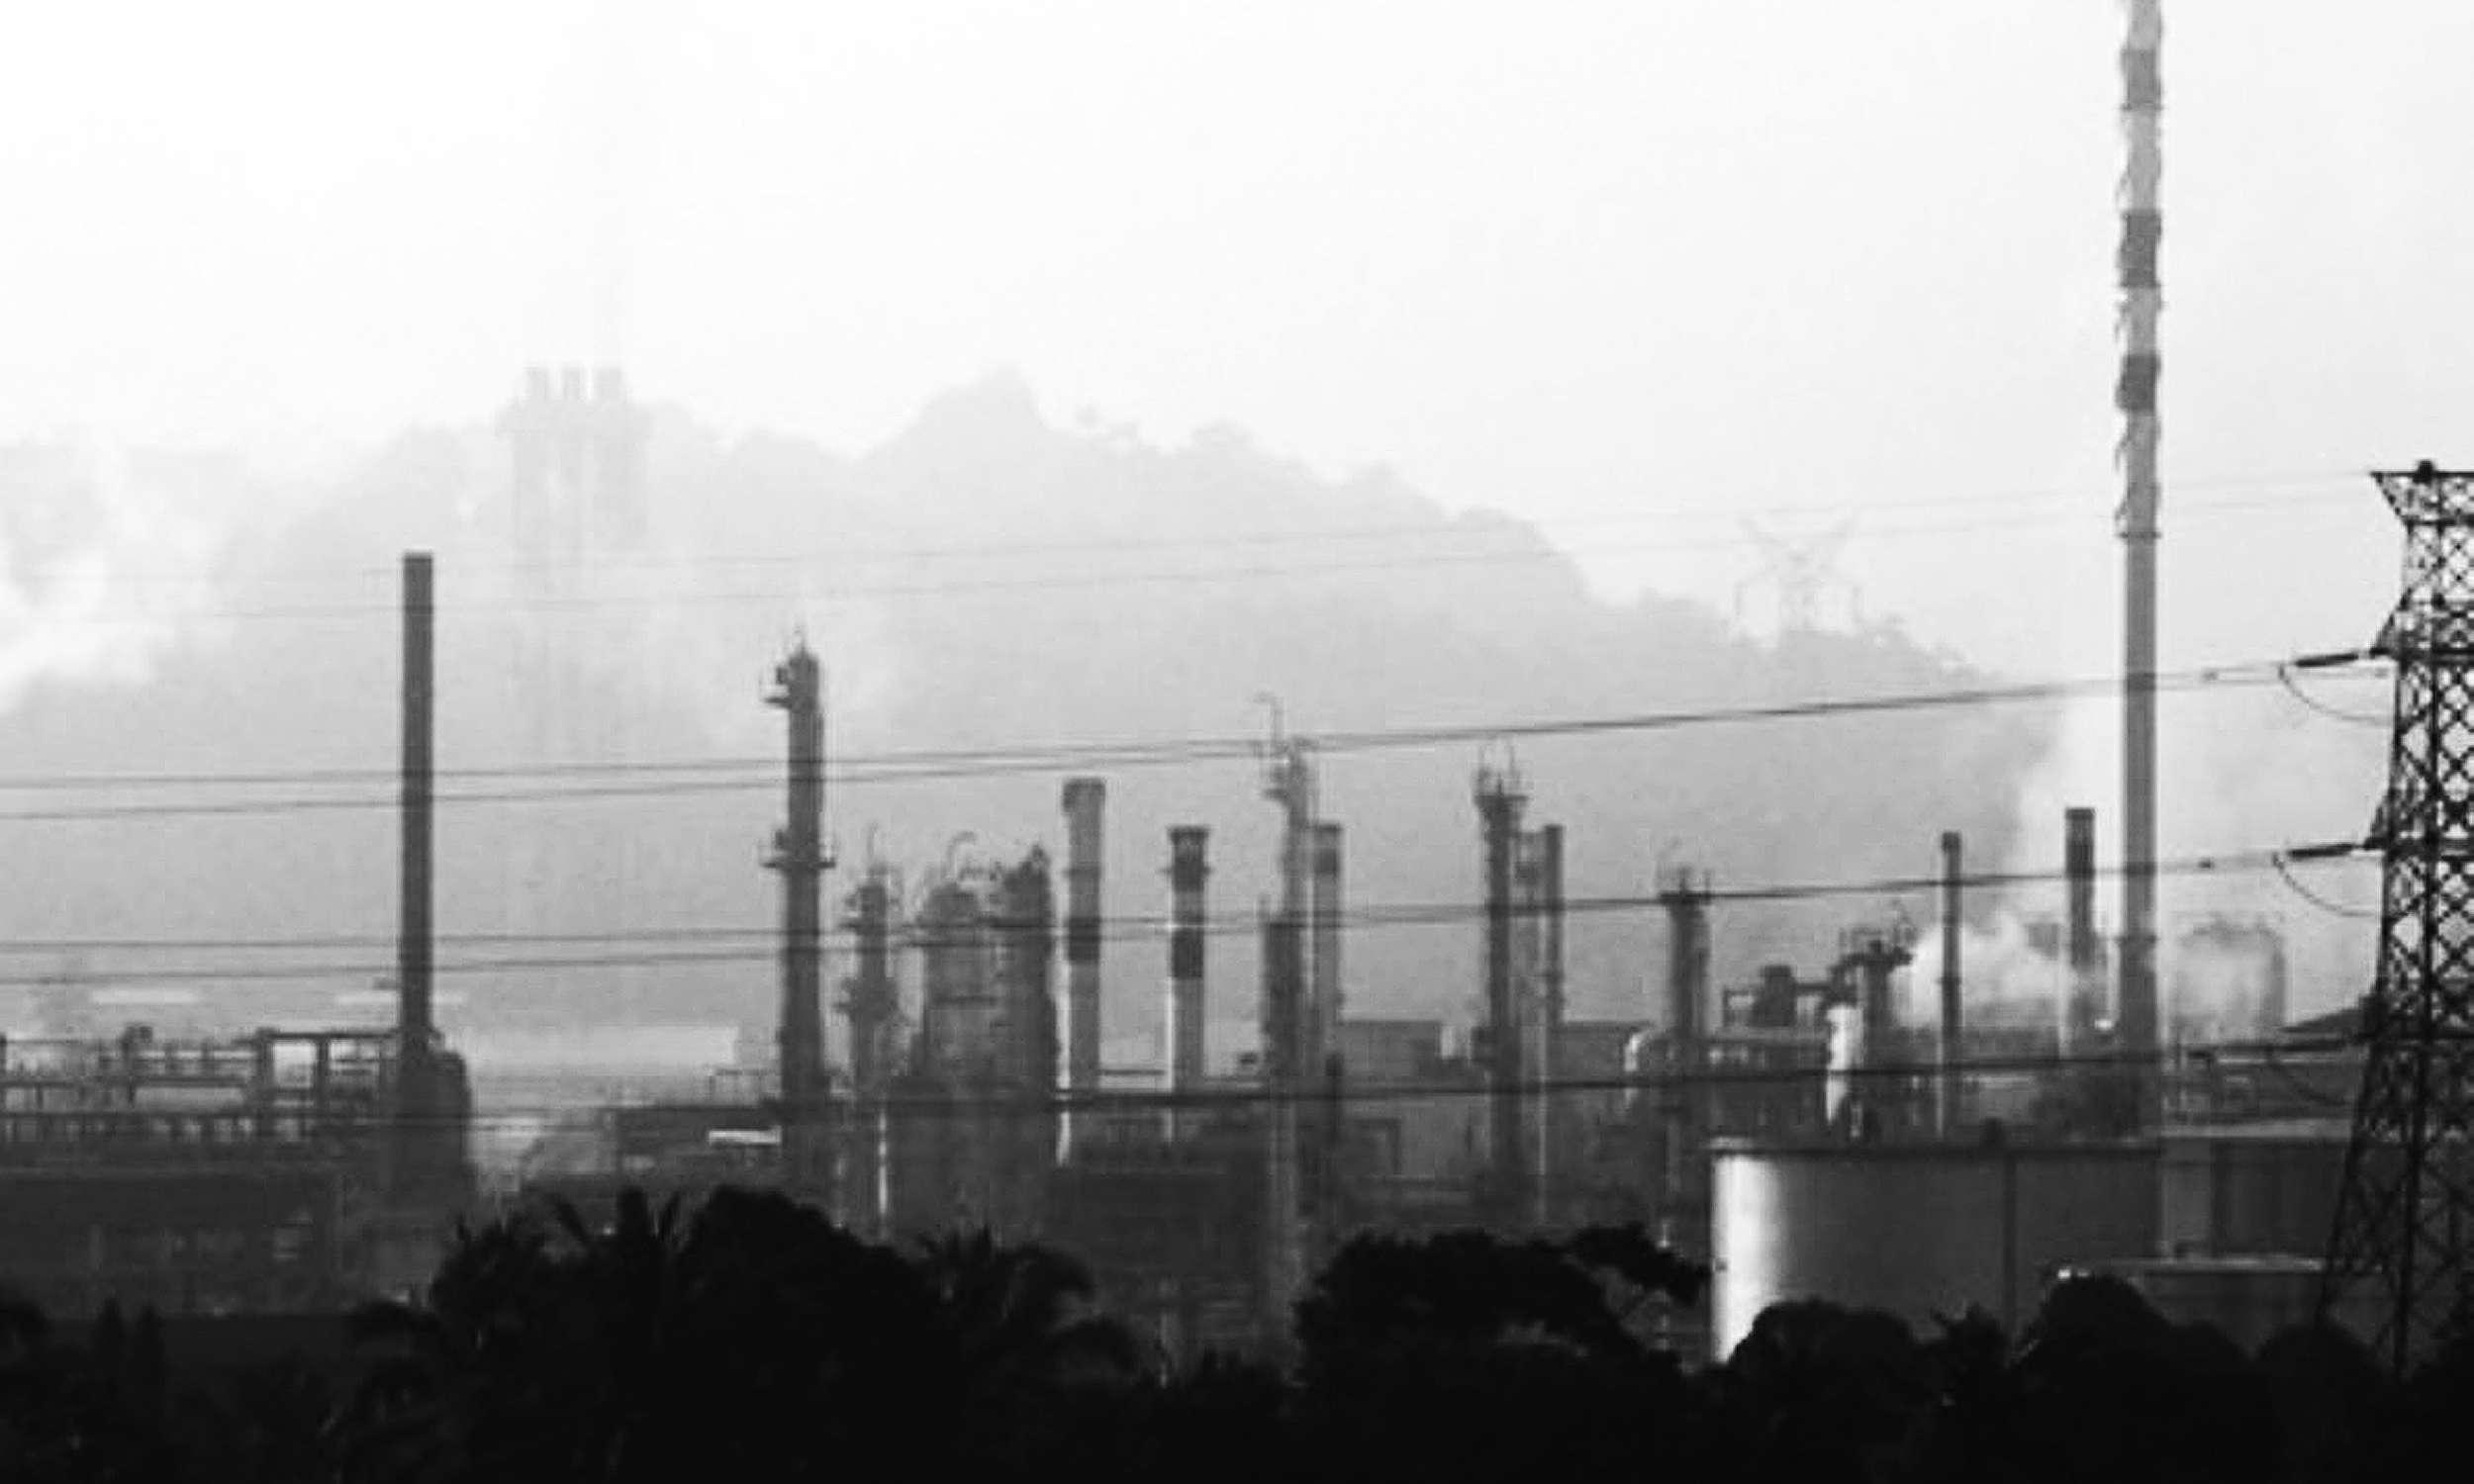 Στη Ρωσία η εκμετάλλευση των κοιτασμάτων πετρελαίου και αερίου της Συρίας